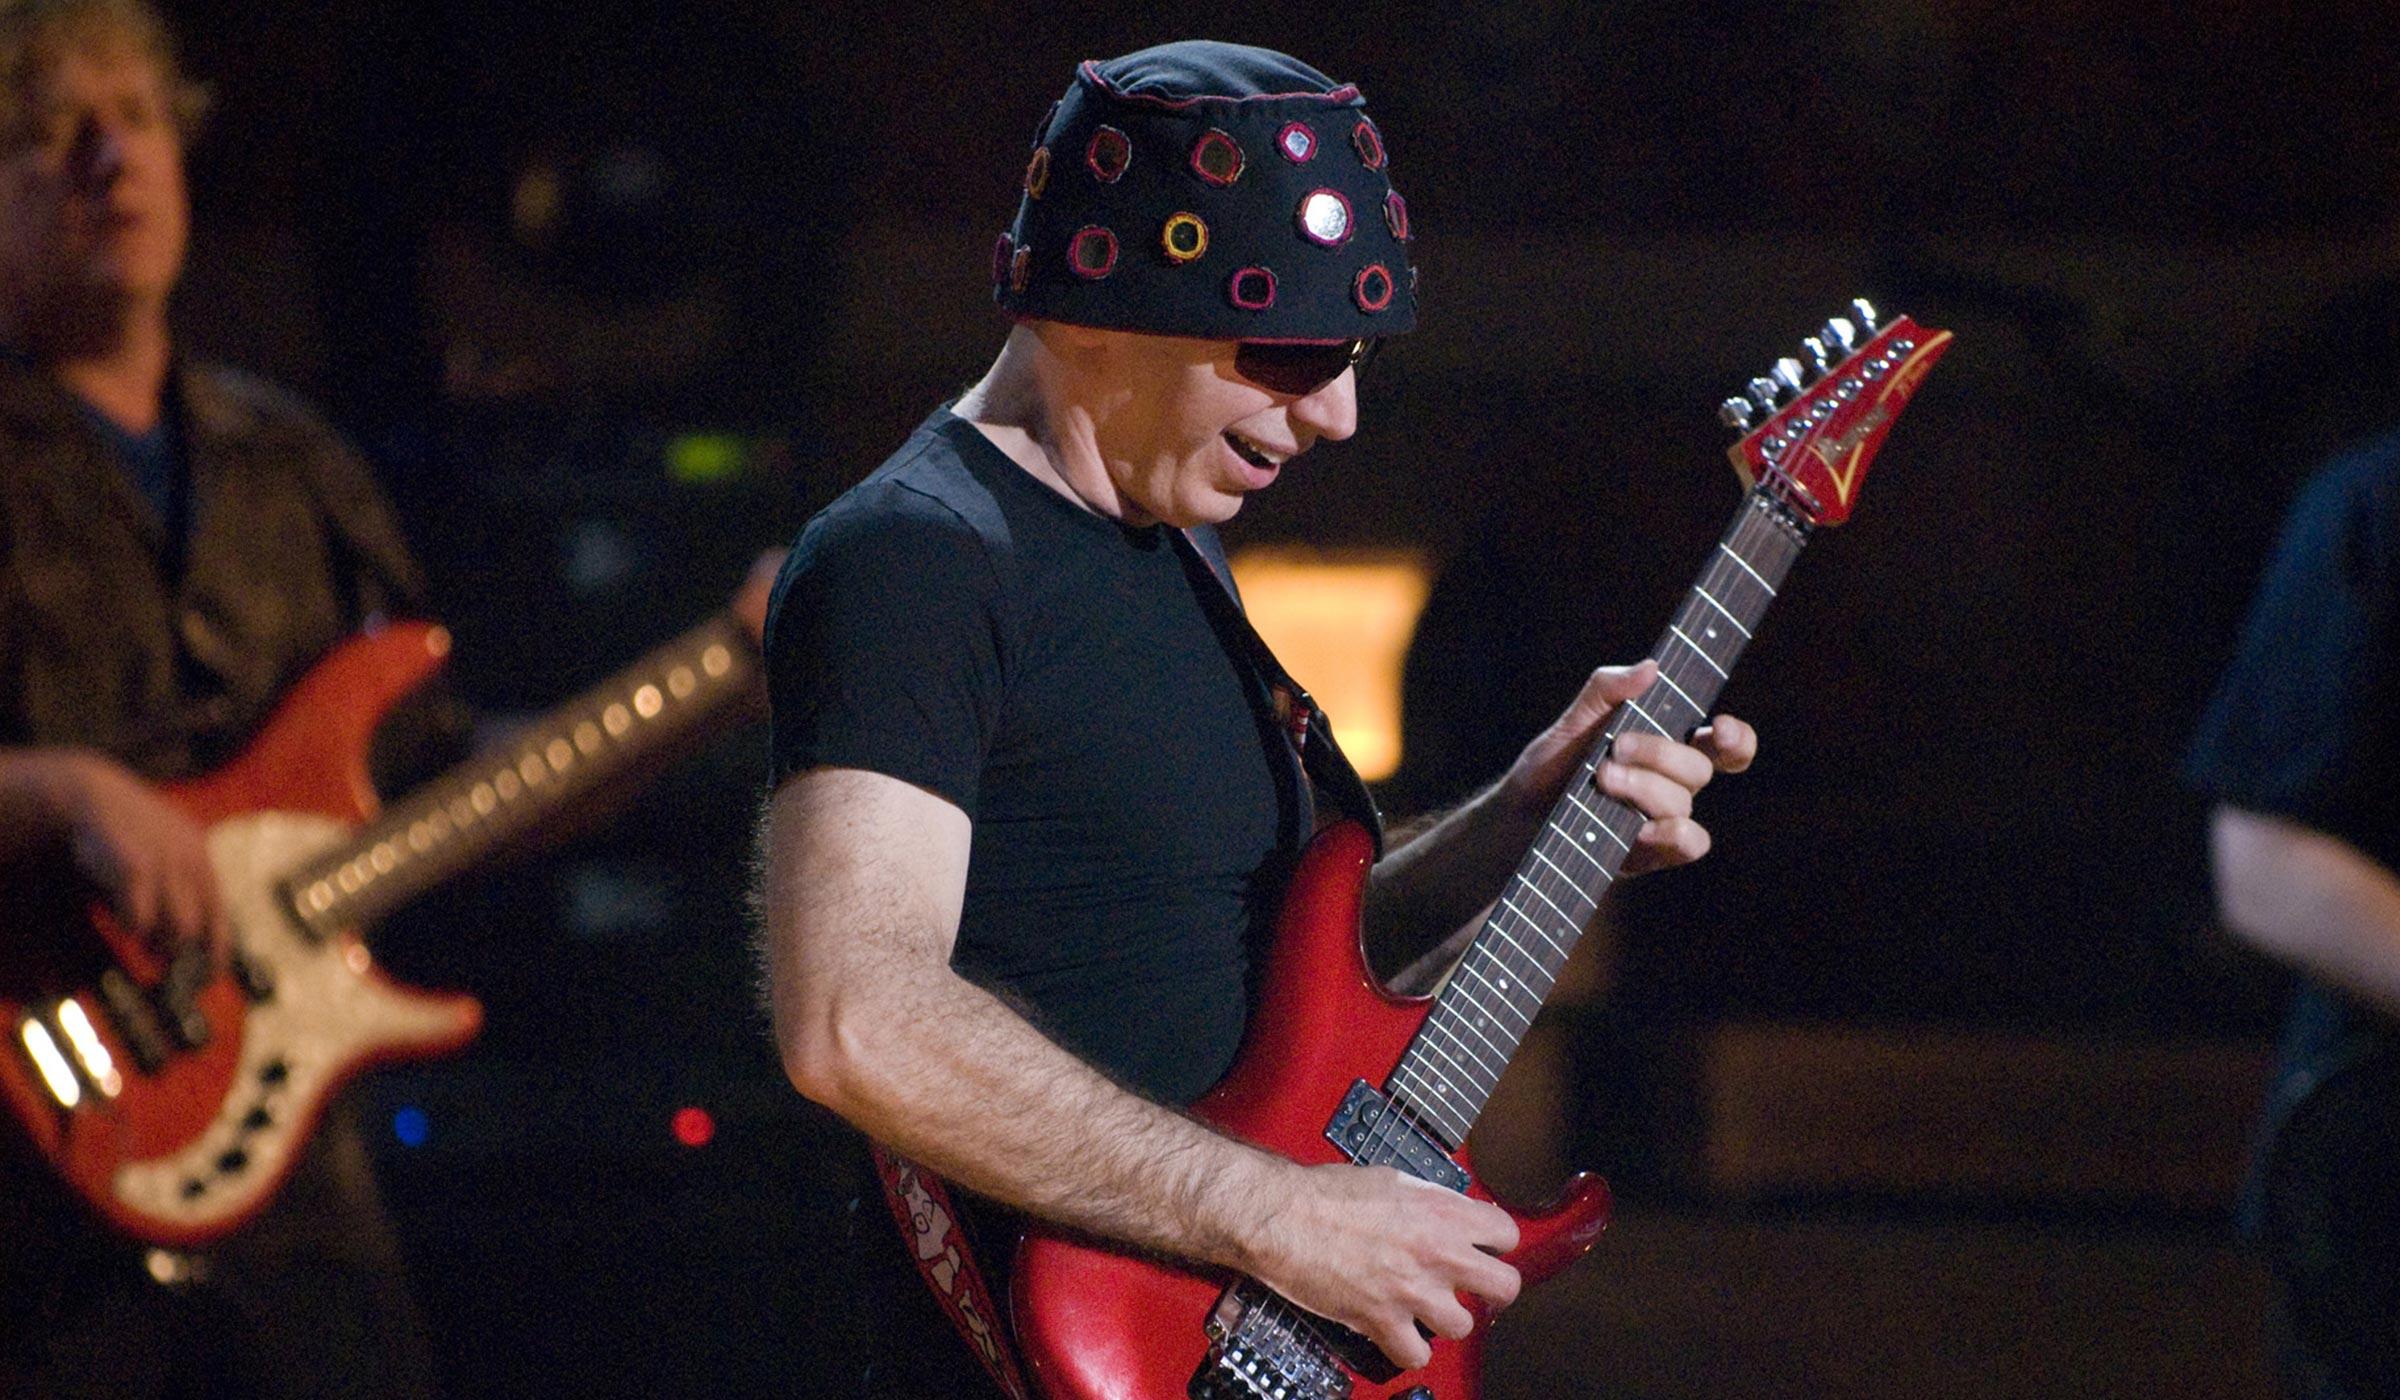 Александр доронин гитарист фото